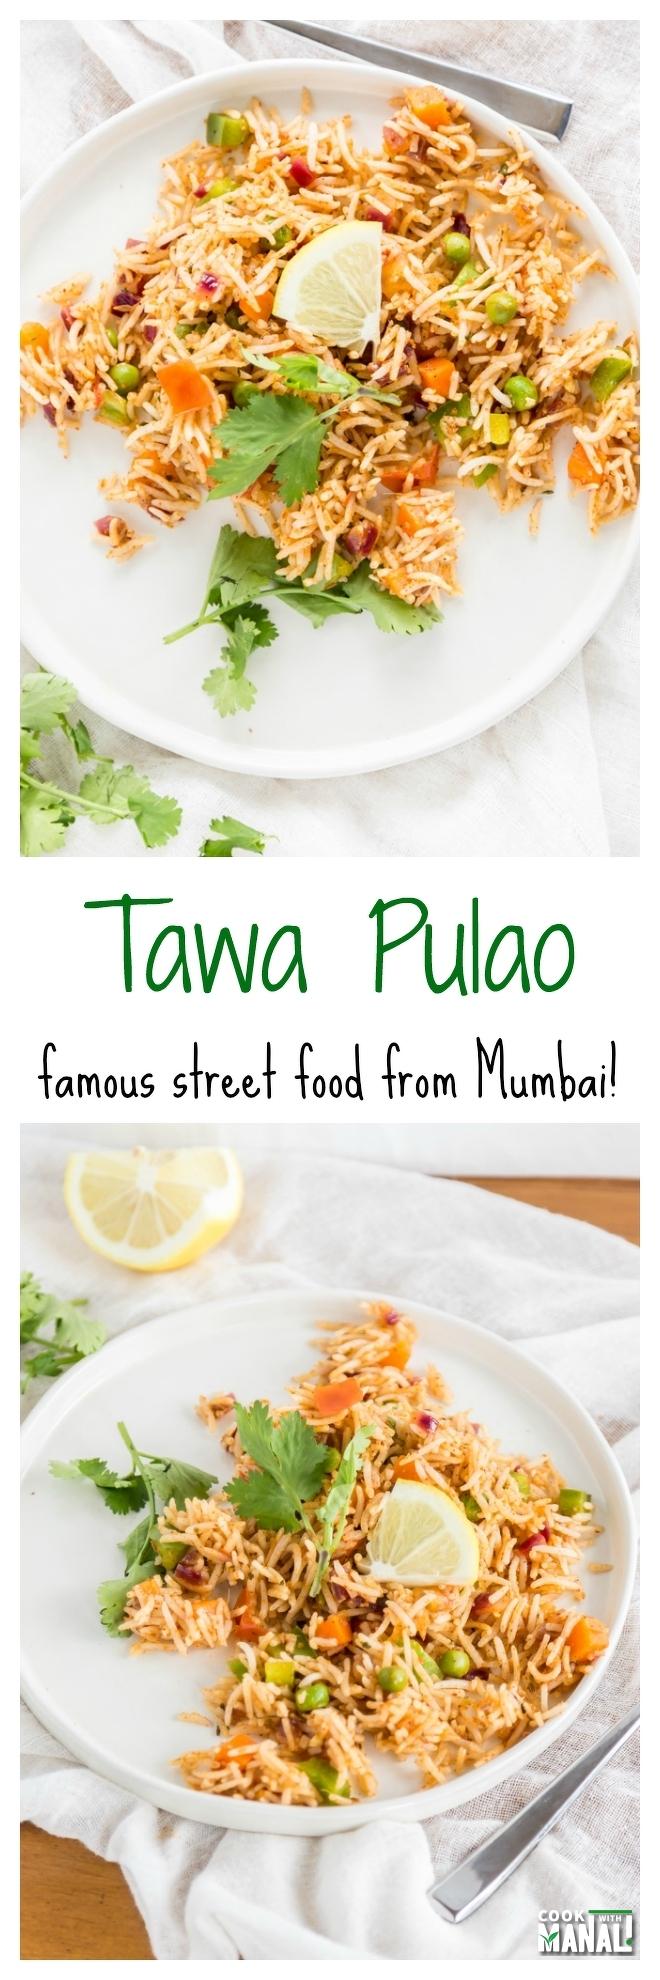 Tawa Pulao Collage